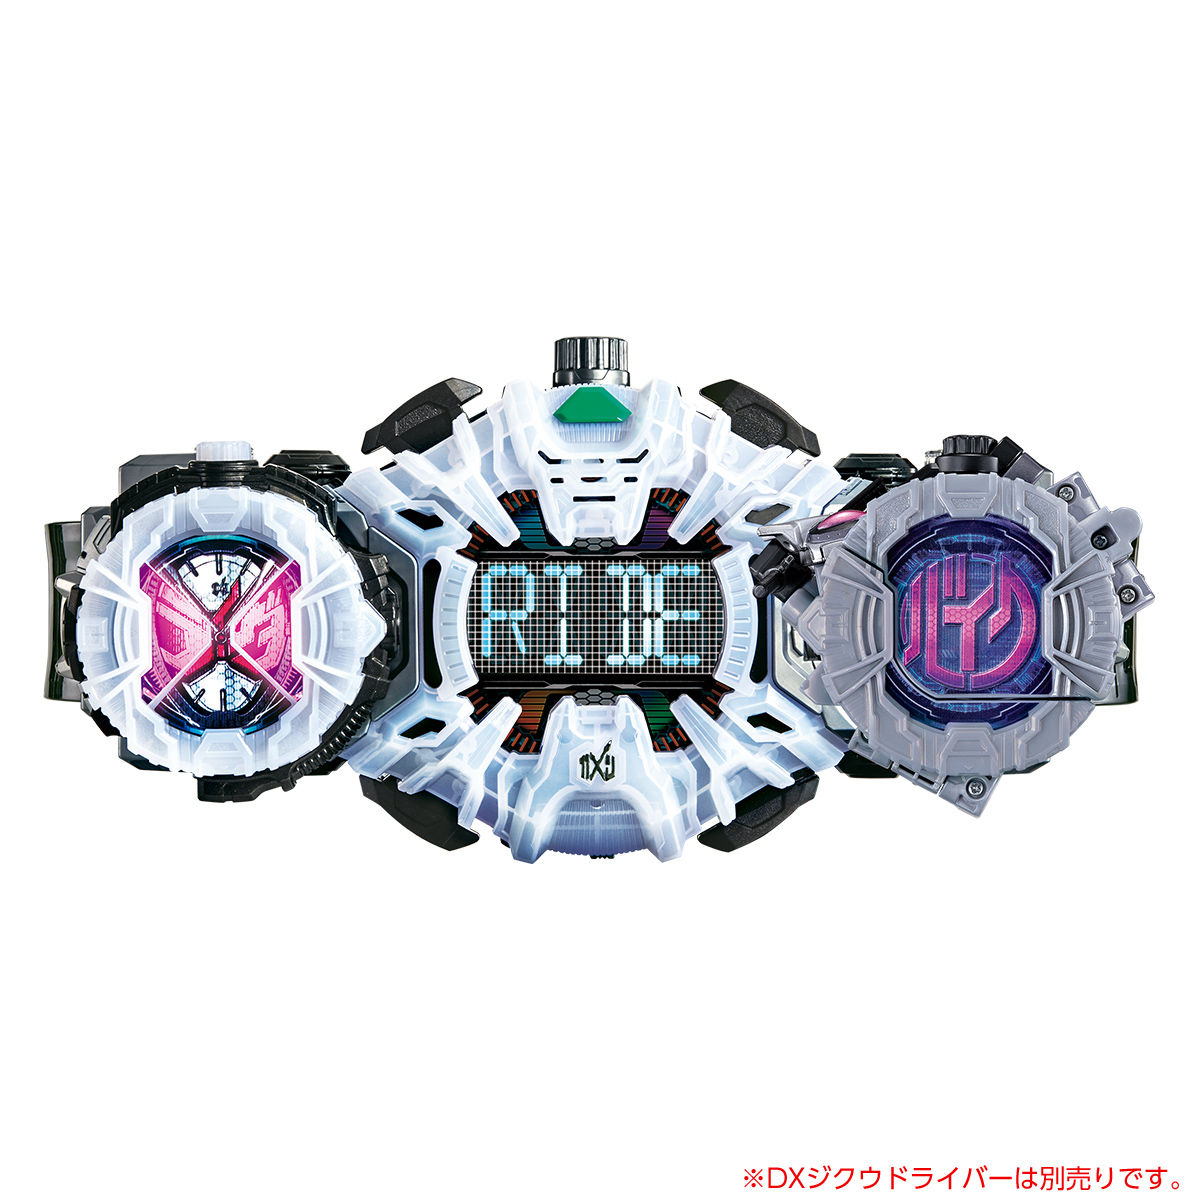 仮面ライダージオウ『DXライドストライカー』ライドウォッチ 変身なりきり-006